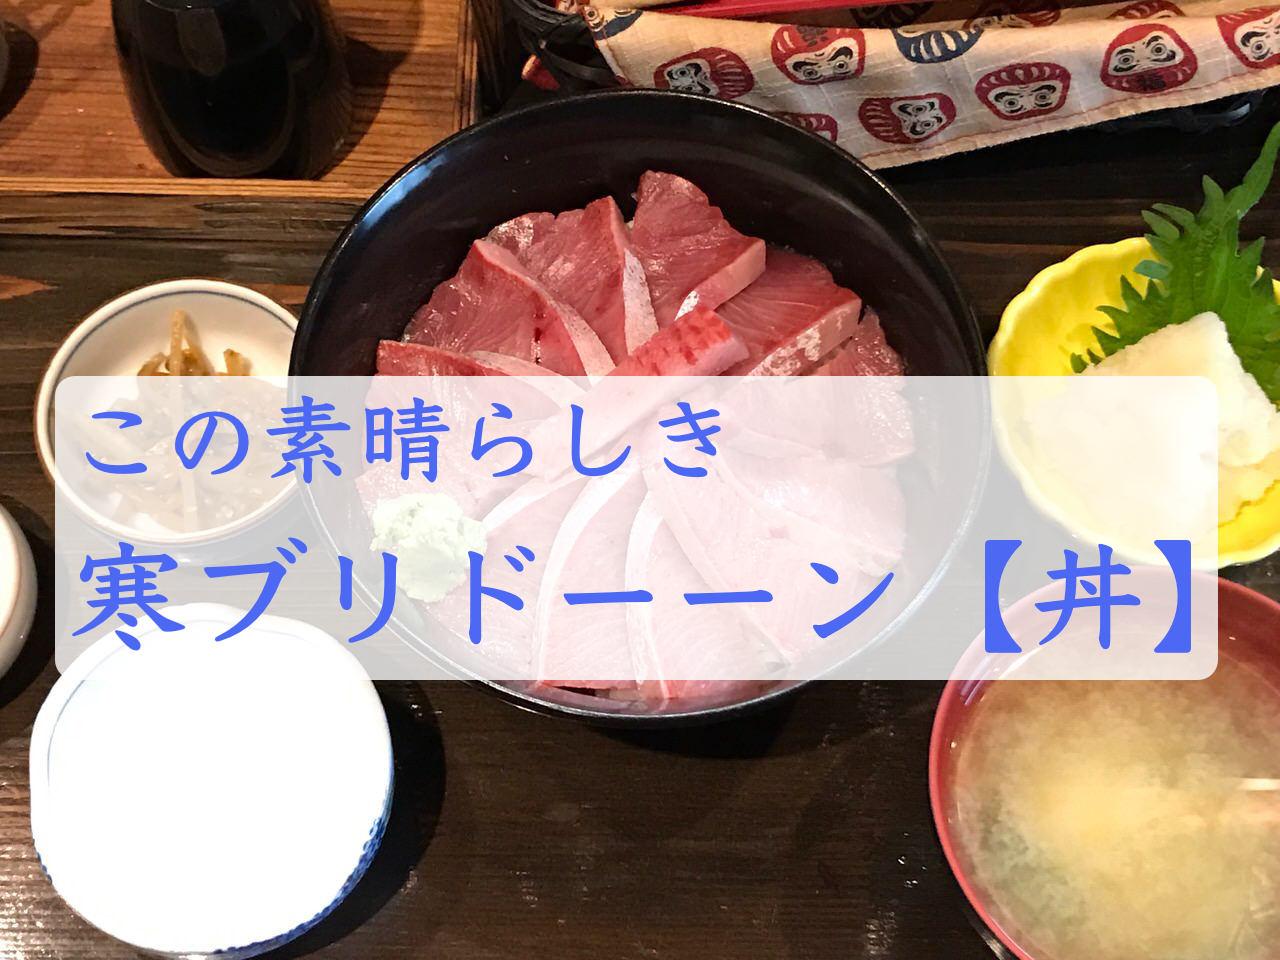 脂が乗りすぎちゃった寒ブリ丼が美味い古民家食堂「持田家」【PR】